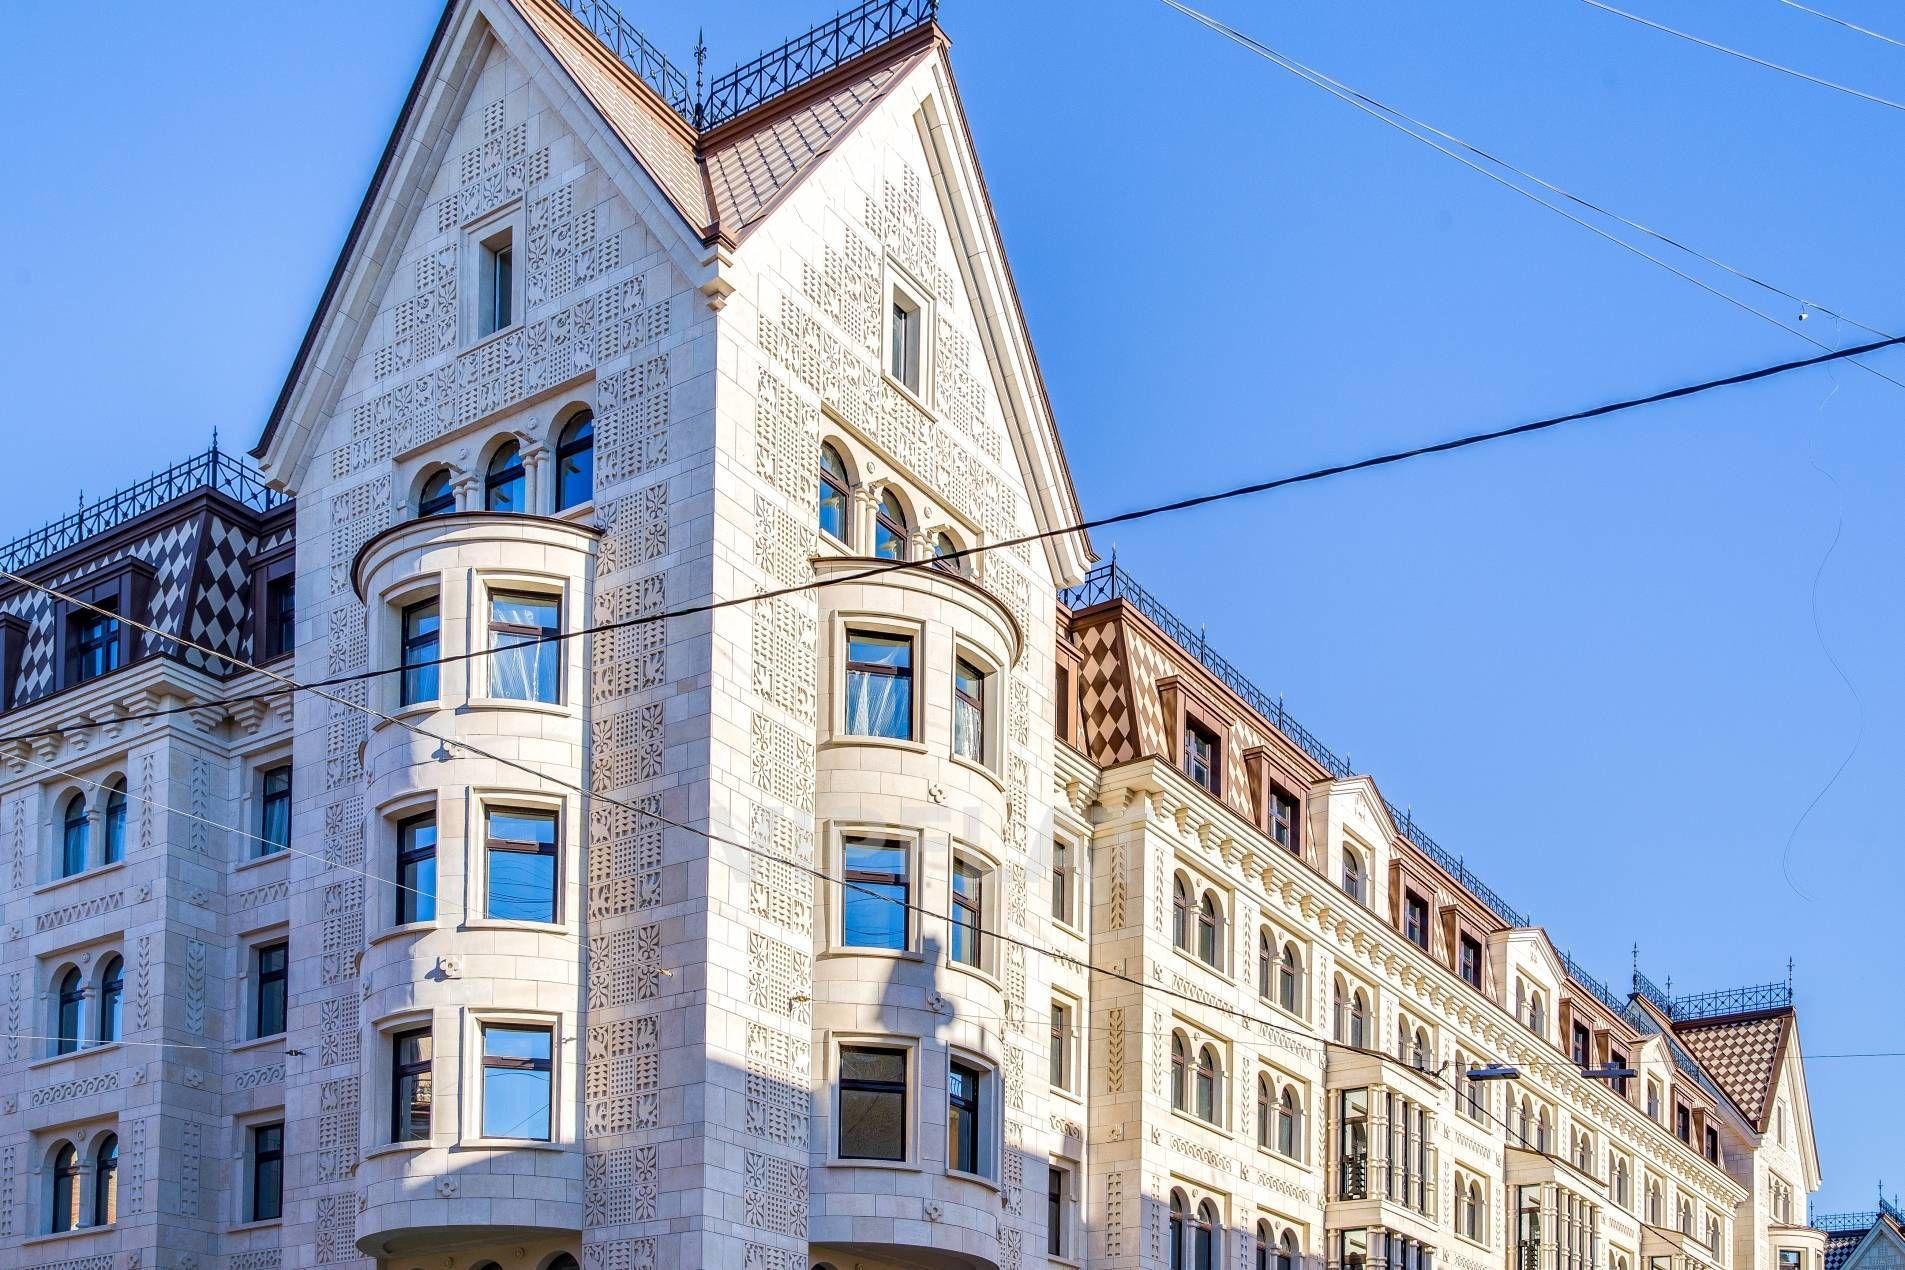 Продажа элитных квартир Санкт-Петербурга. Басков пер., 2 Квартира расположена в башне